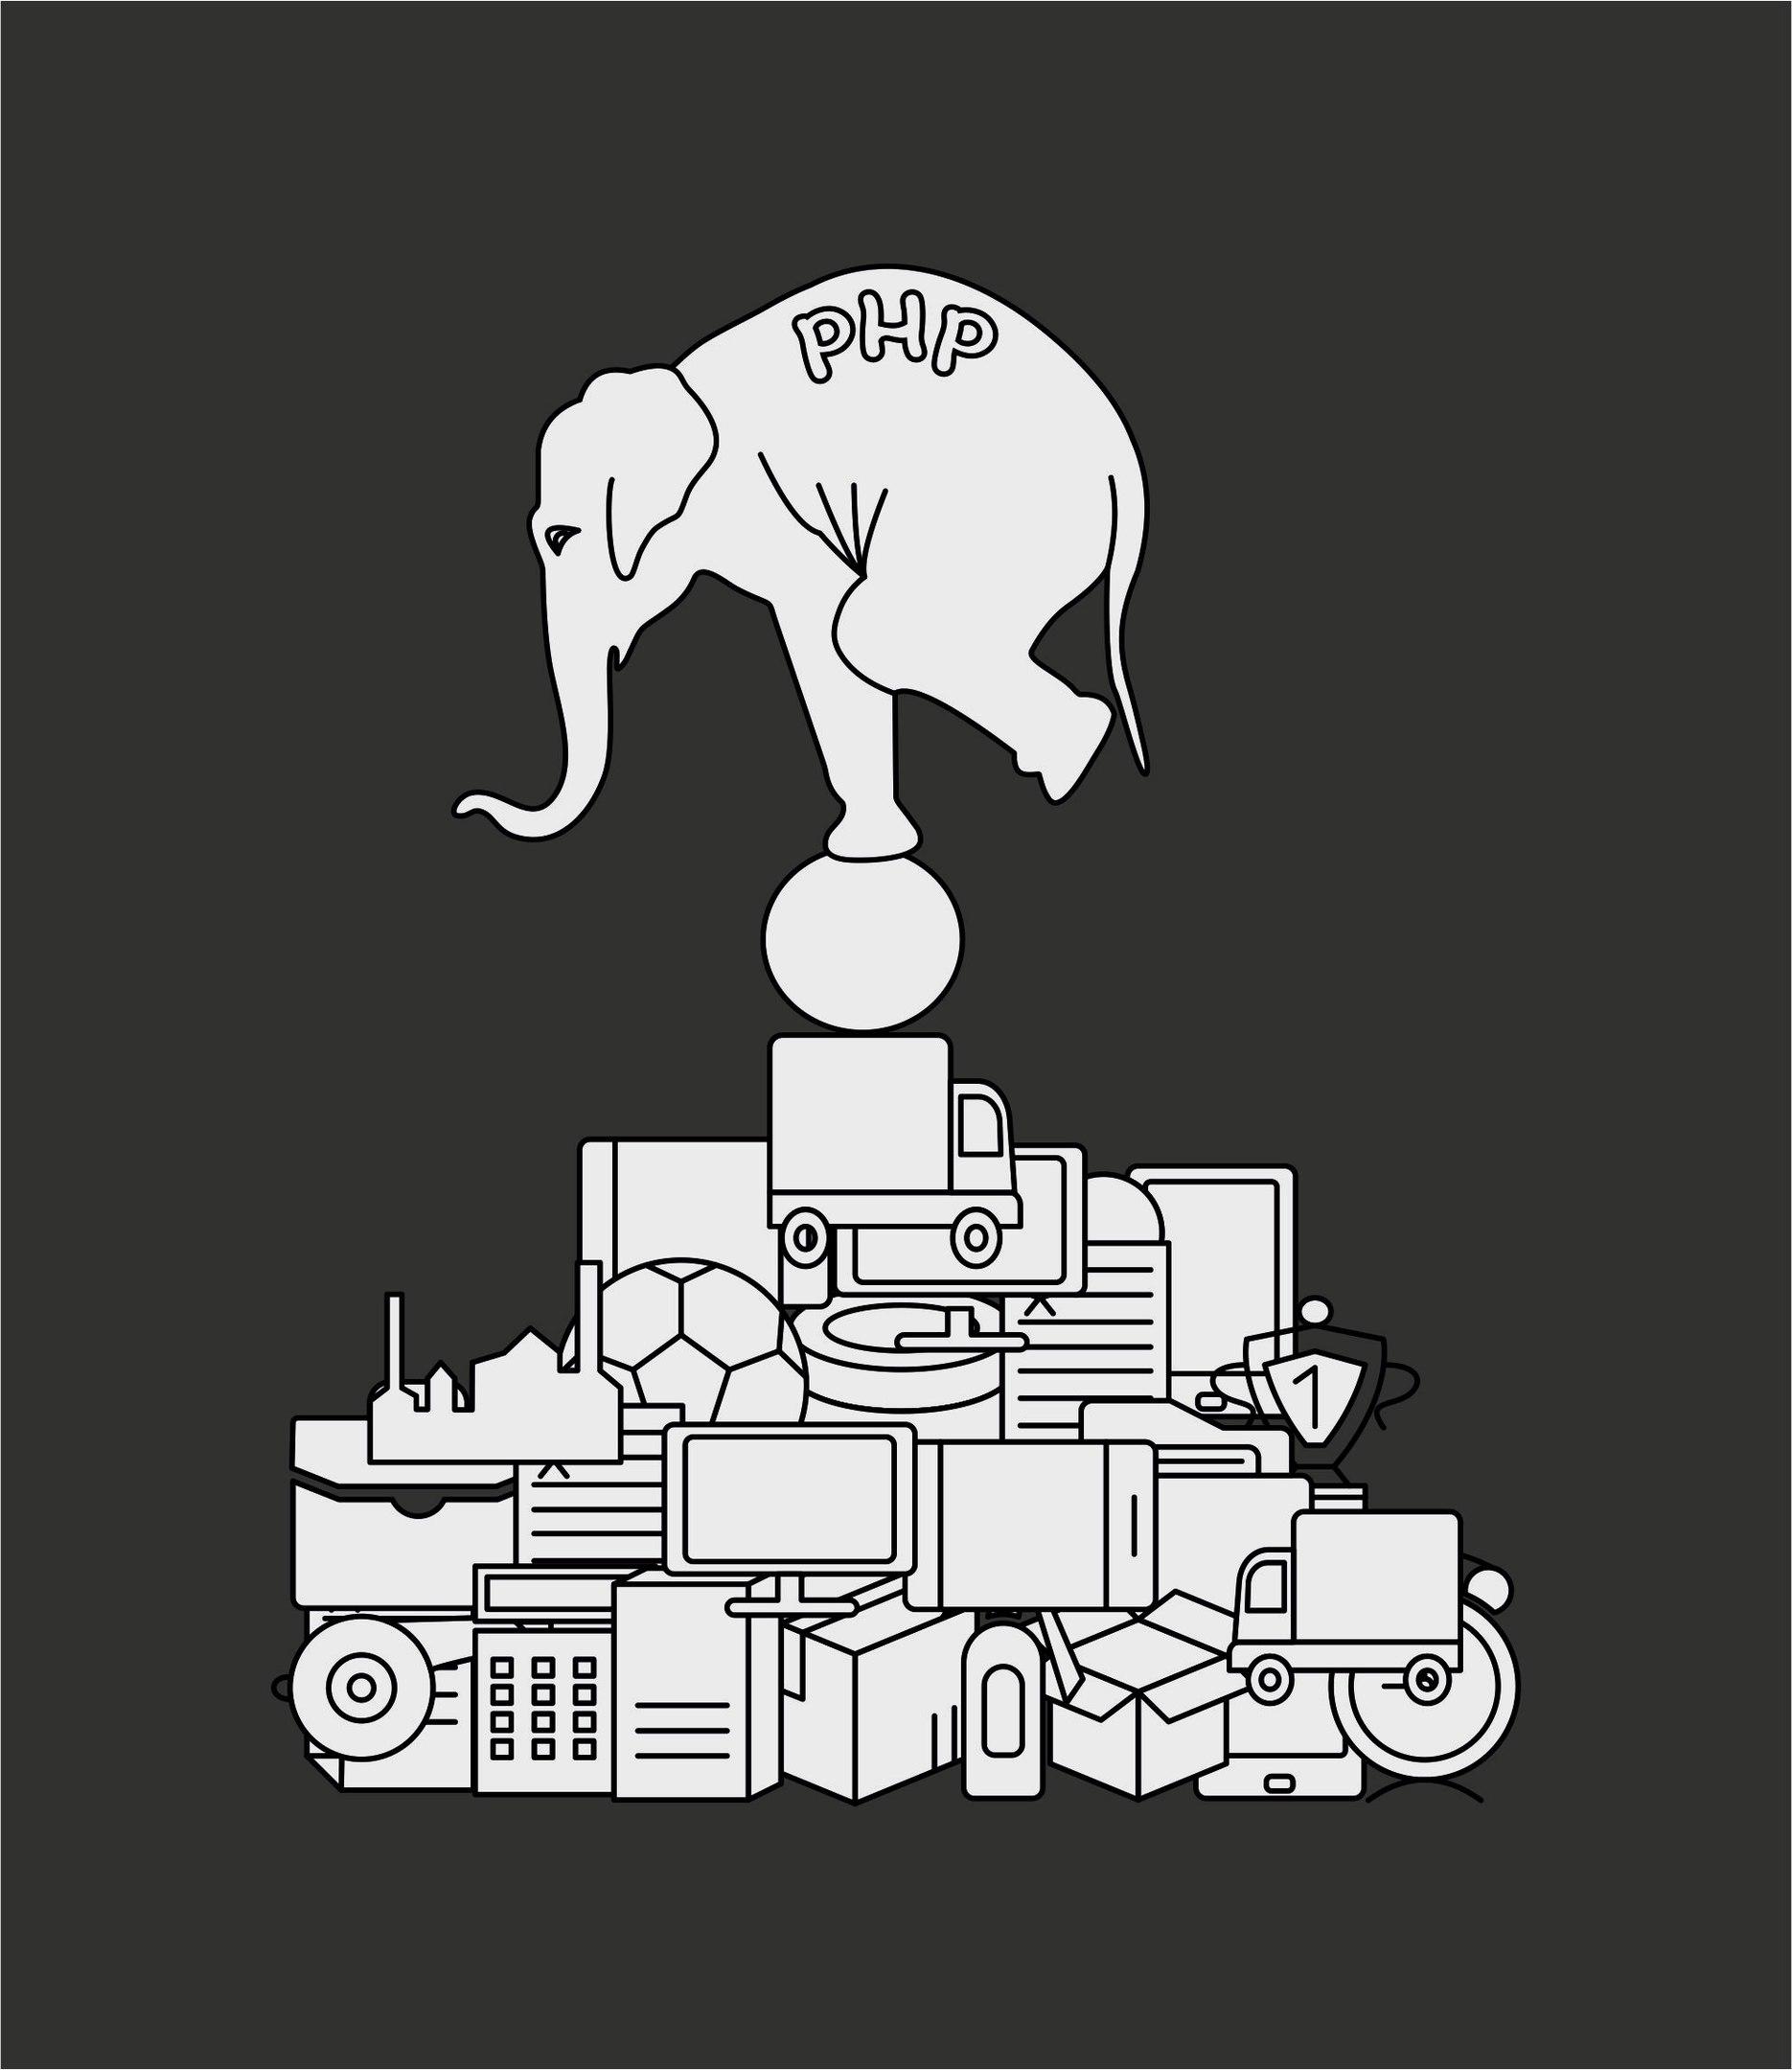 Решение проблем организации бизнес-логики в PHP или как пойти своим путем